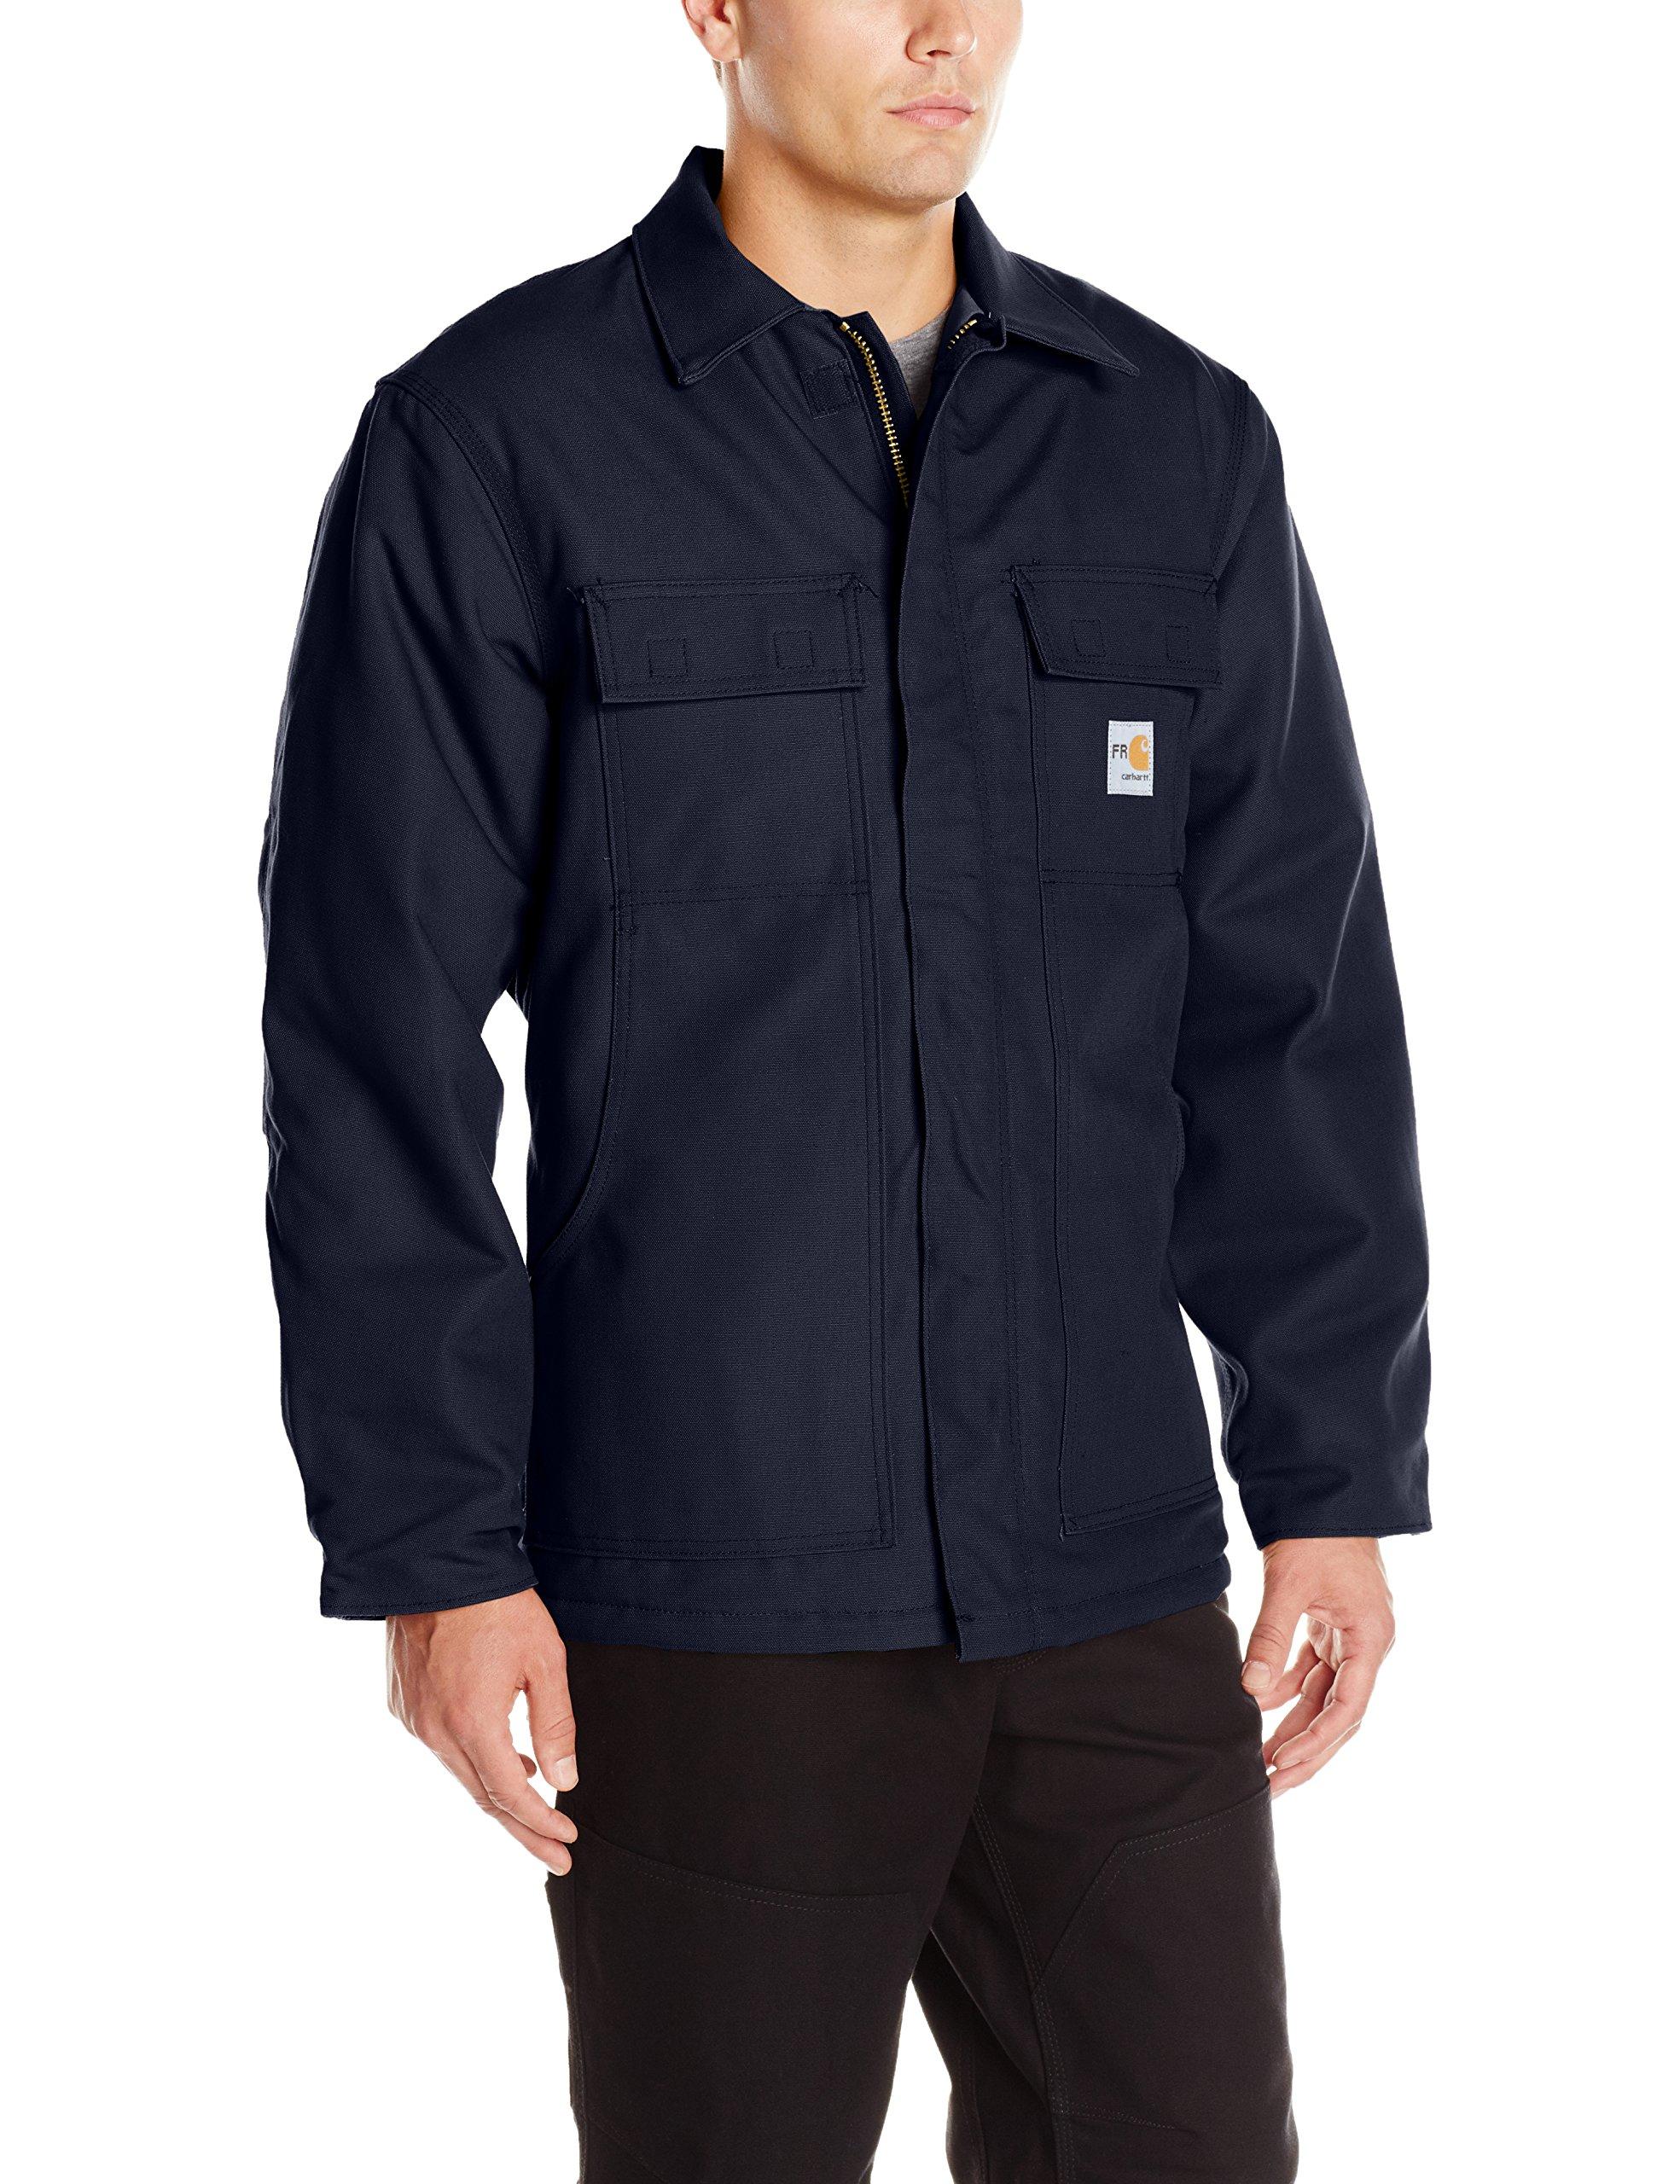 Carhartt Men's Flame Resistant Duck Traditional Coat, Dark Navy, Medium